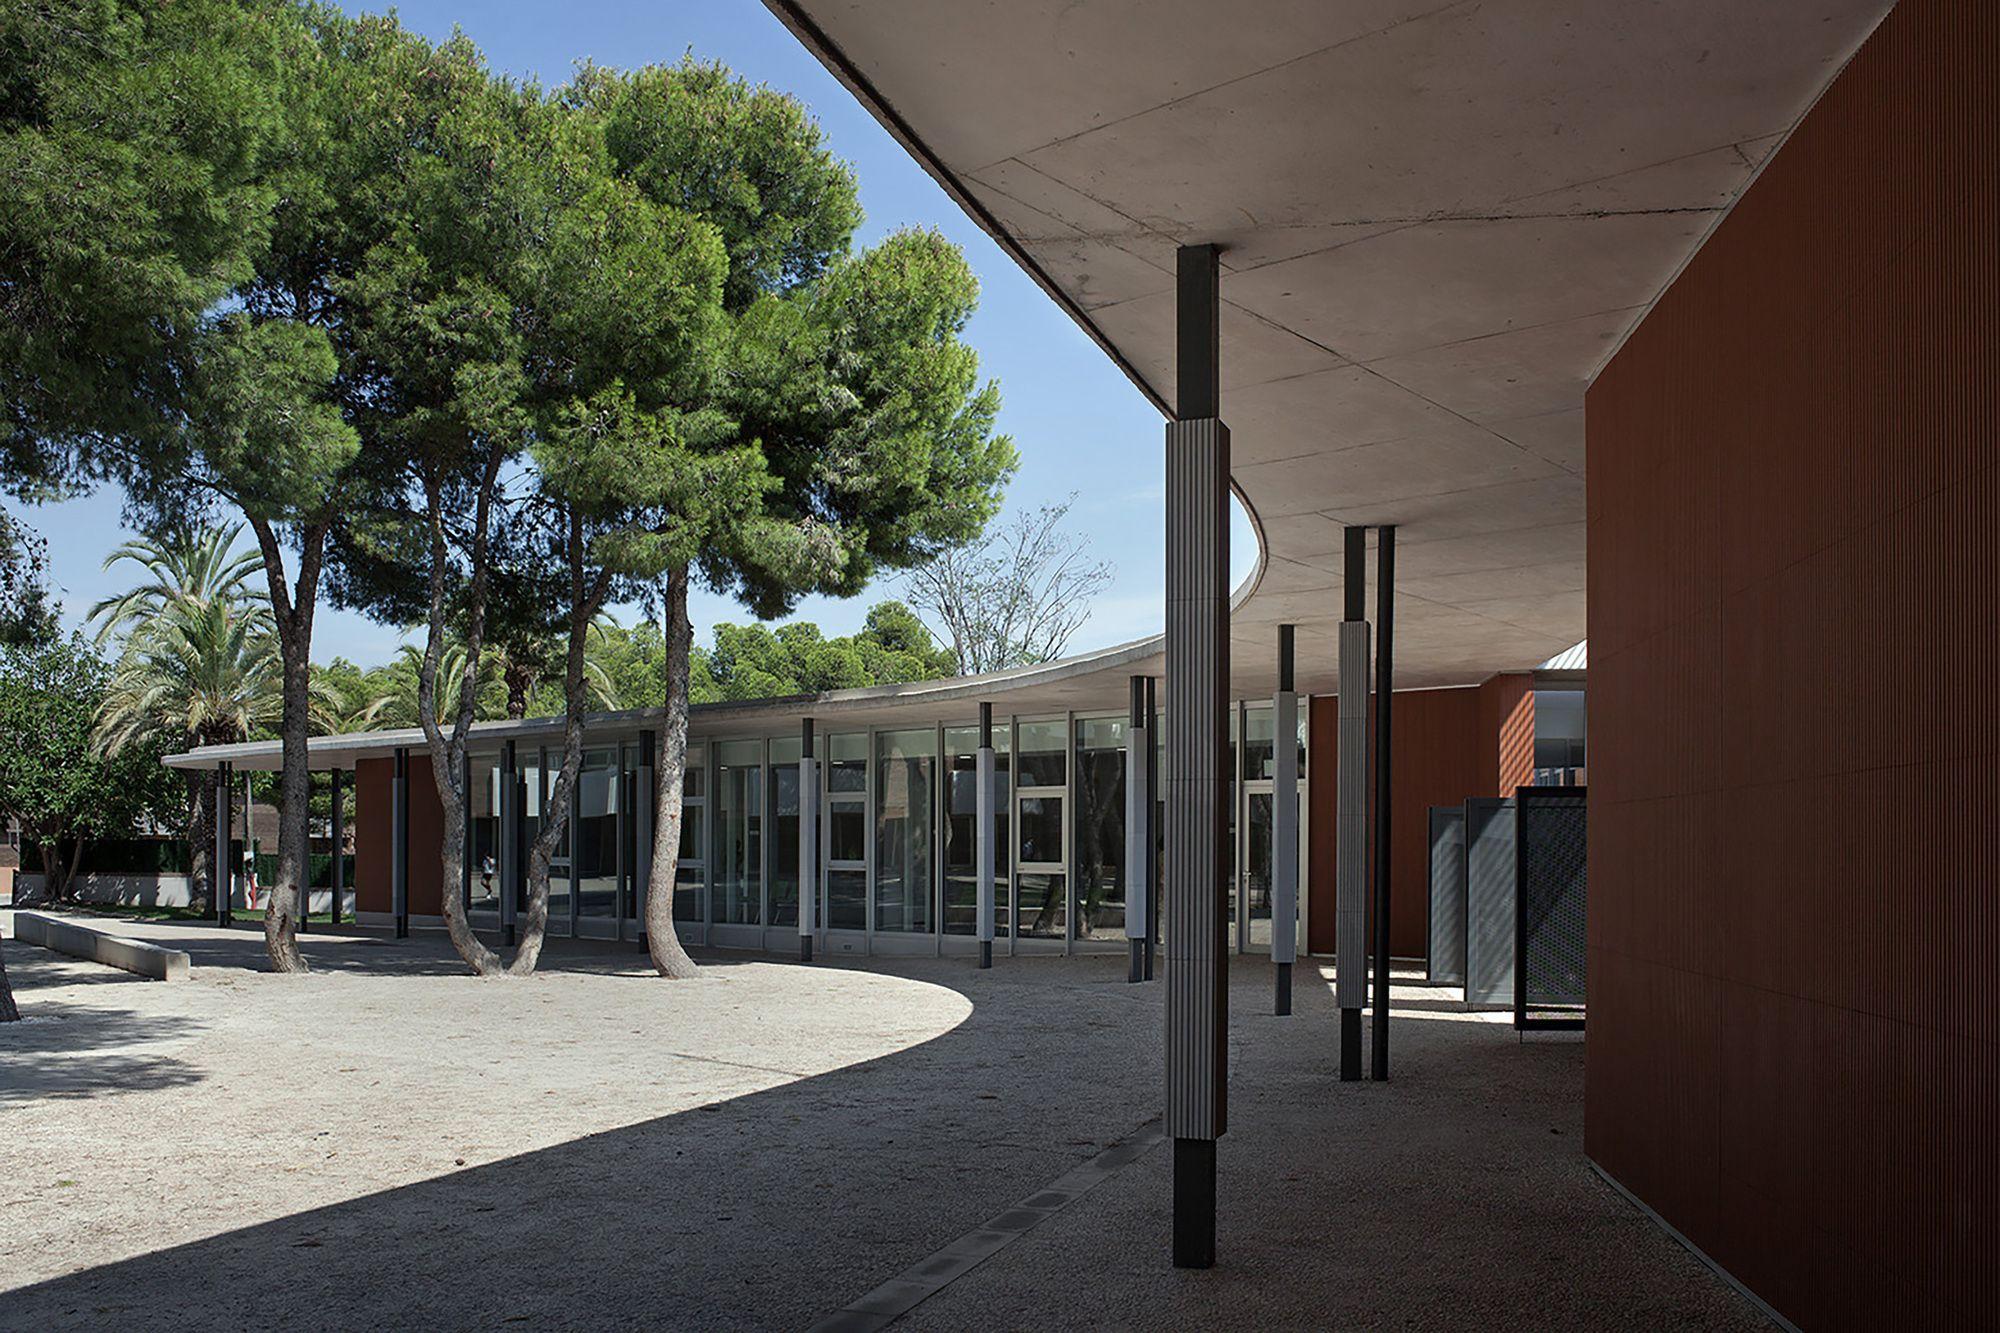 Intervenci n en colegio santa teresa de jes s pe in for Restaurante escuela de arquitectos madrid